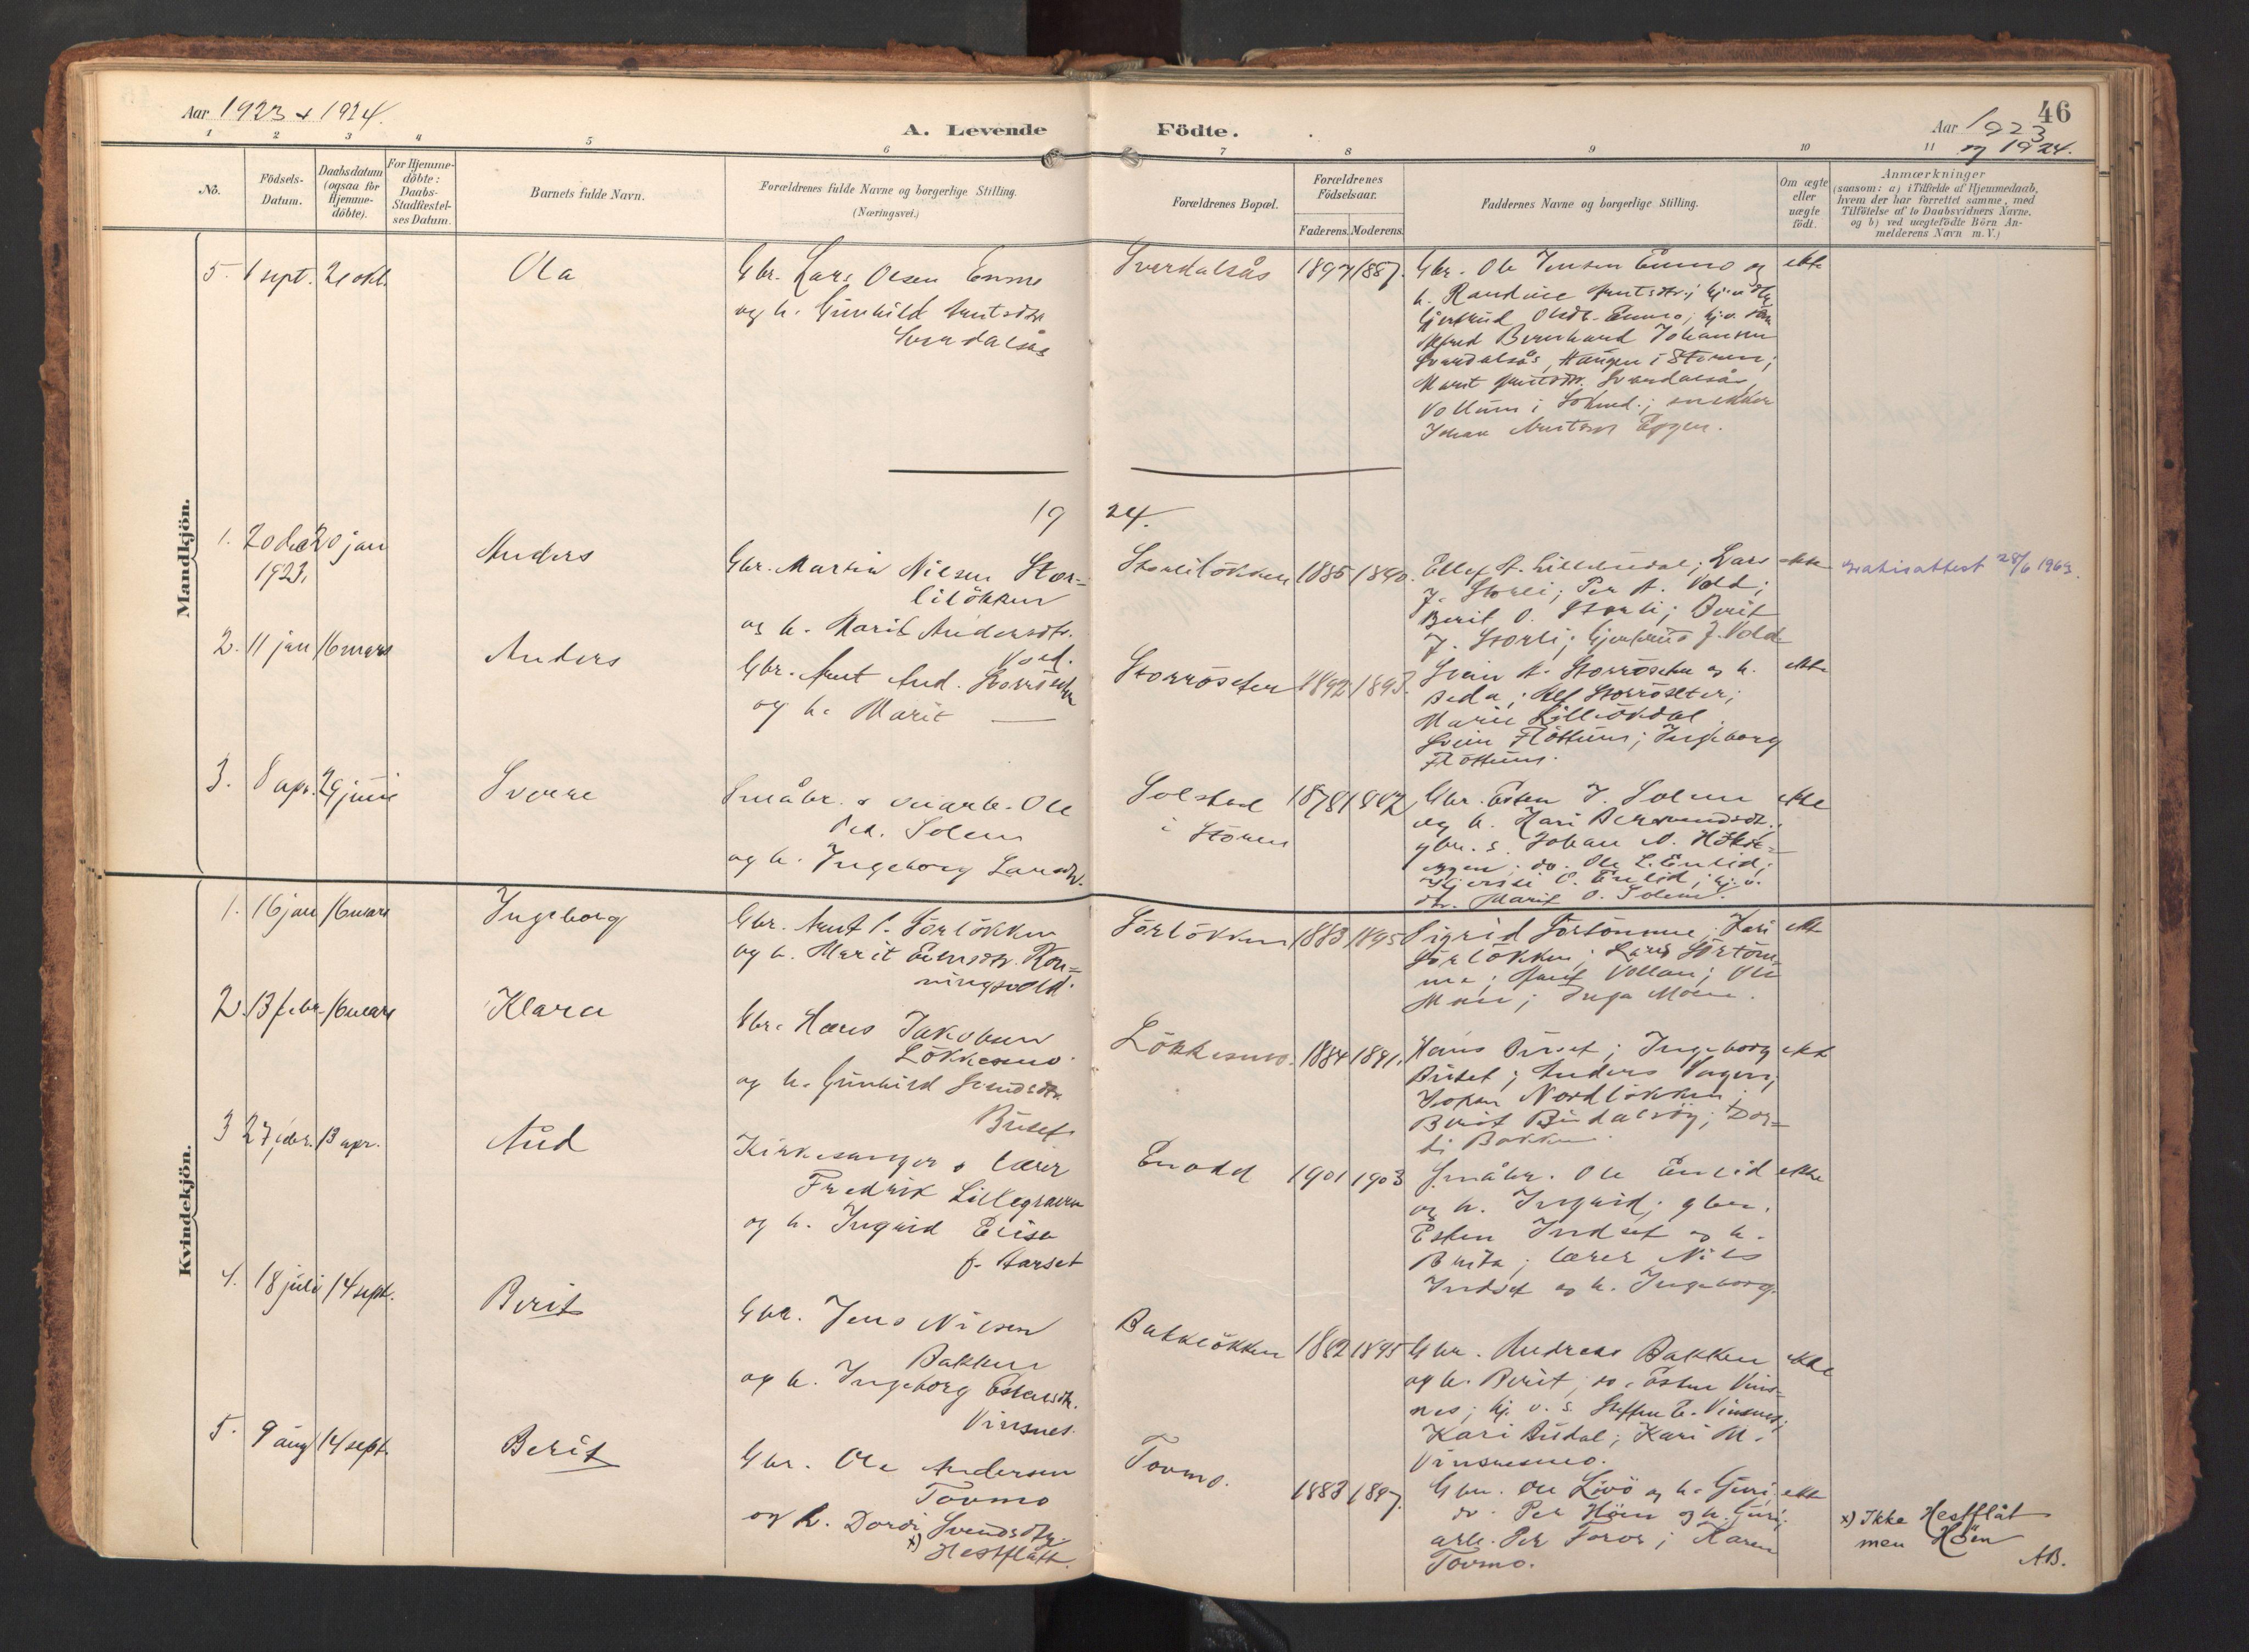 SAT, Ministerialprotokoller, klokkerbøker og fødselsregistre - Sør-Trøndelag, 690/L1050: Ministerialbok nr. 690A01, 1889-1929, s. 46